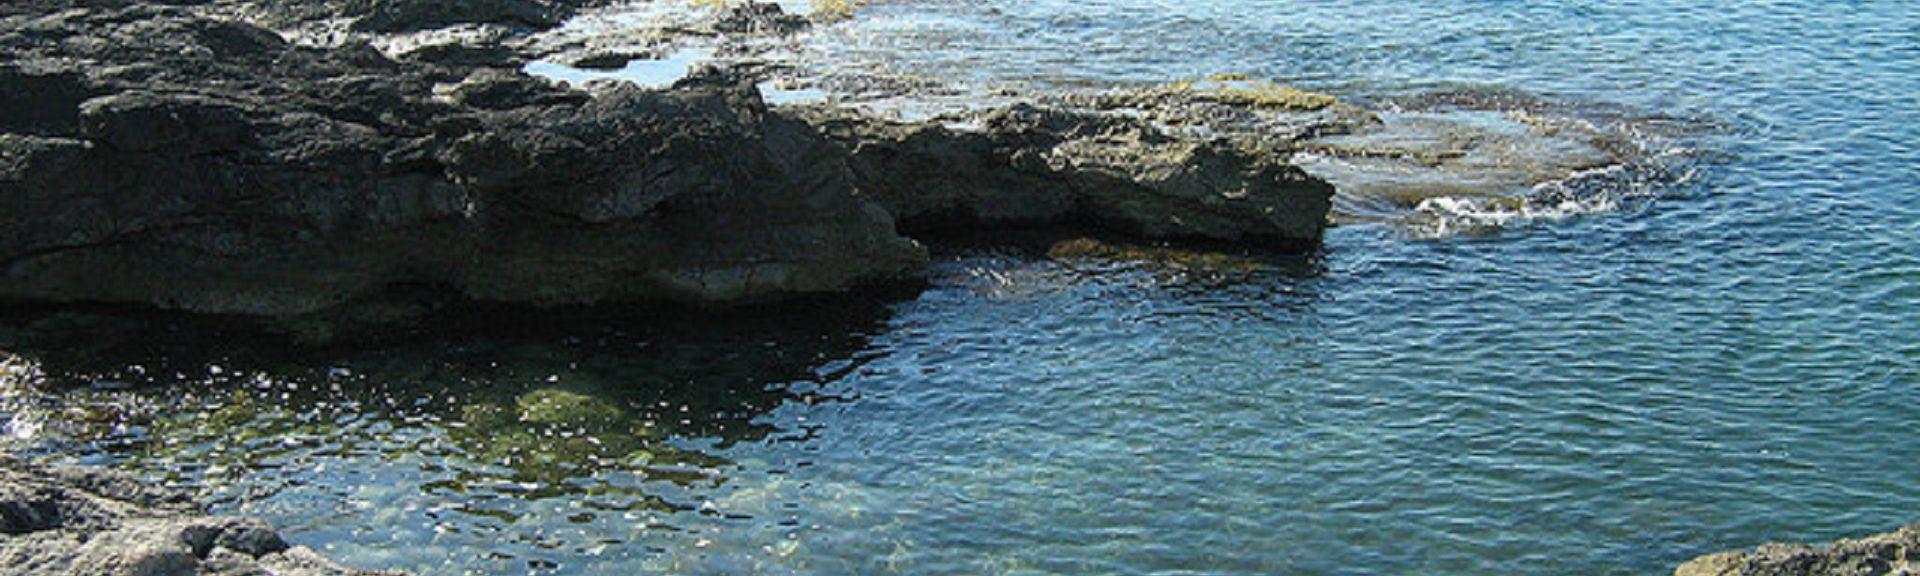 Donnalucata, Ragusa, Sicily, Italy